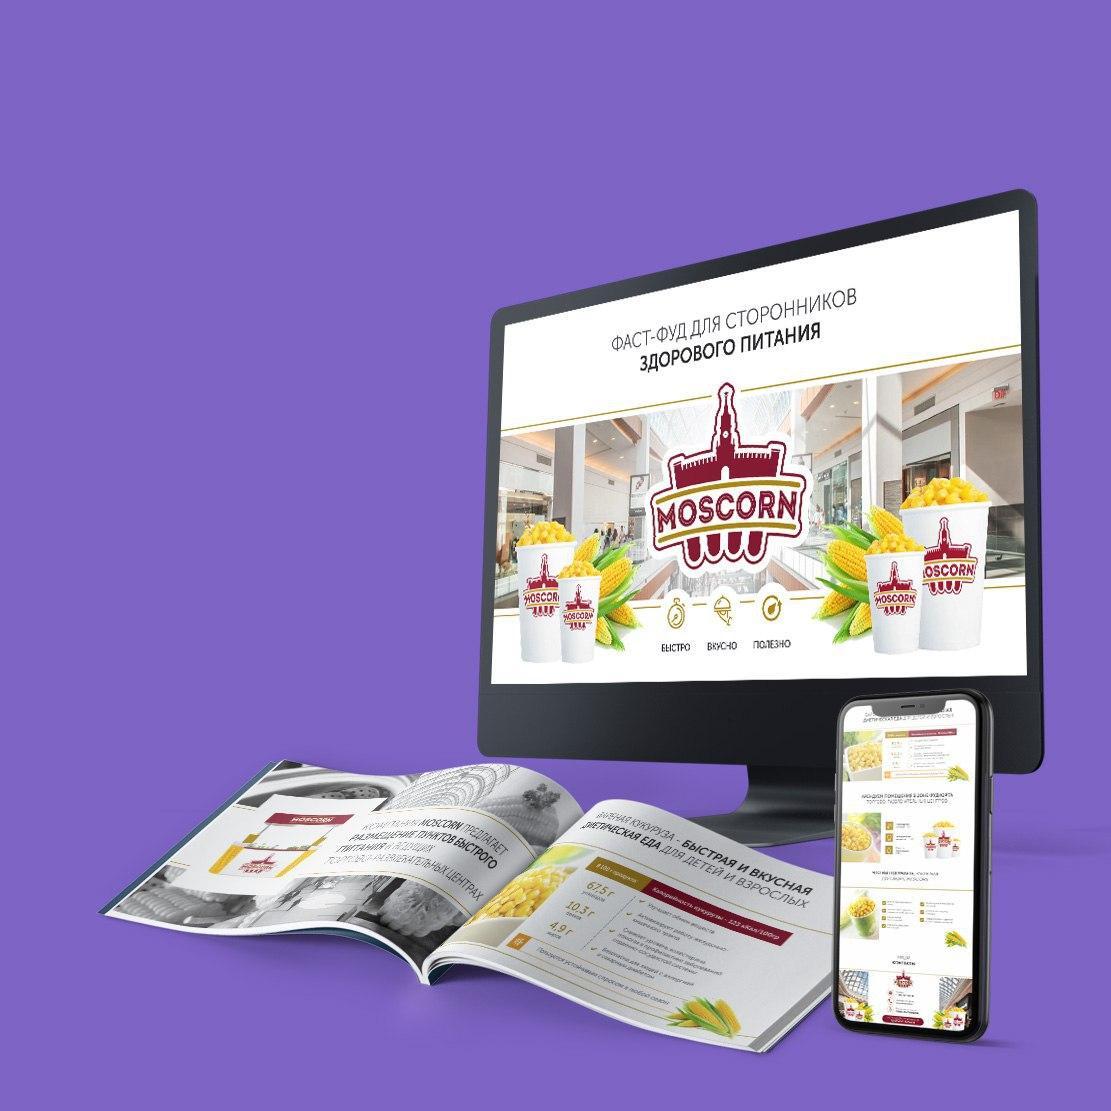 Презентация компании Moscorn для аренды места в торговом центре